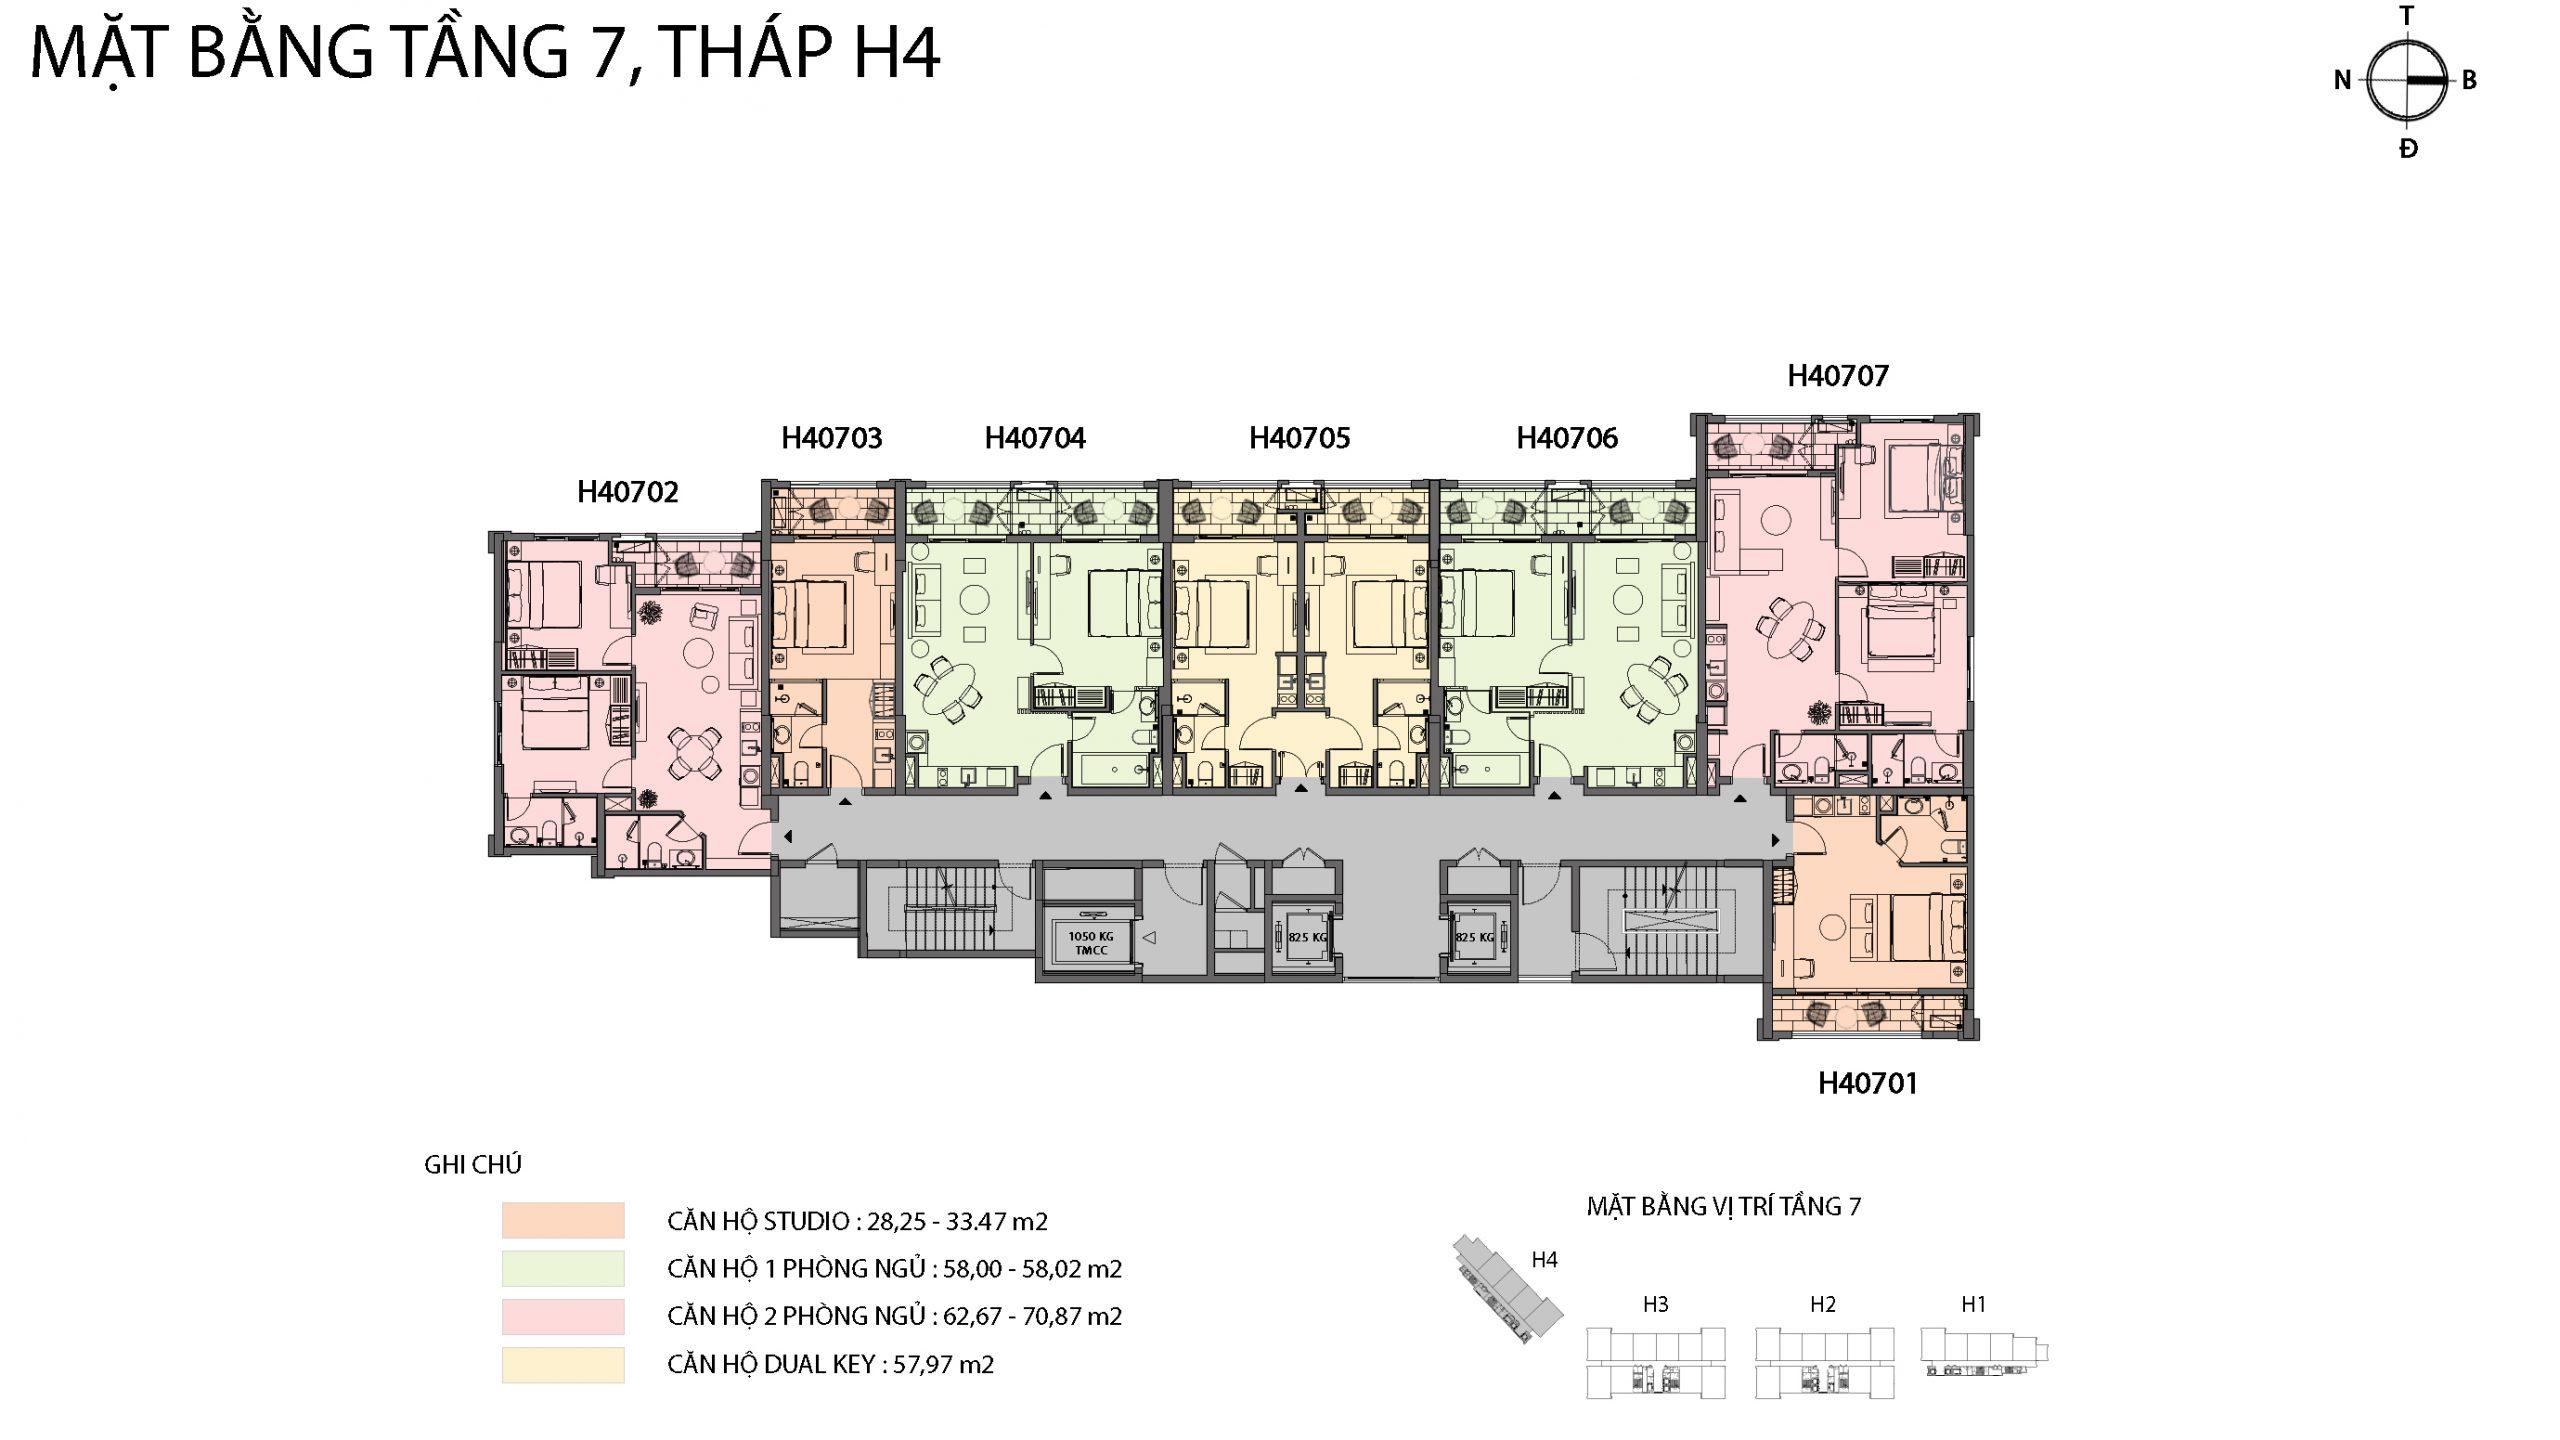 Mặt bằng chi tiết tòa căn hộ H4 - Sun Grand City Hillside Residence 5